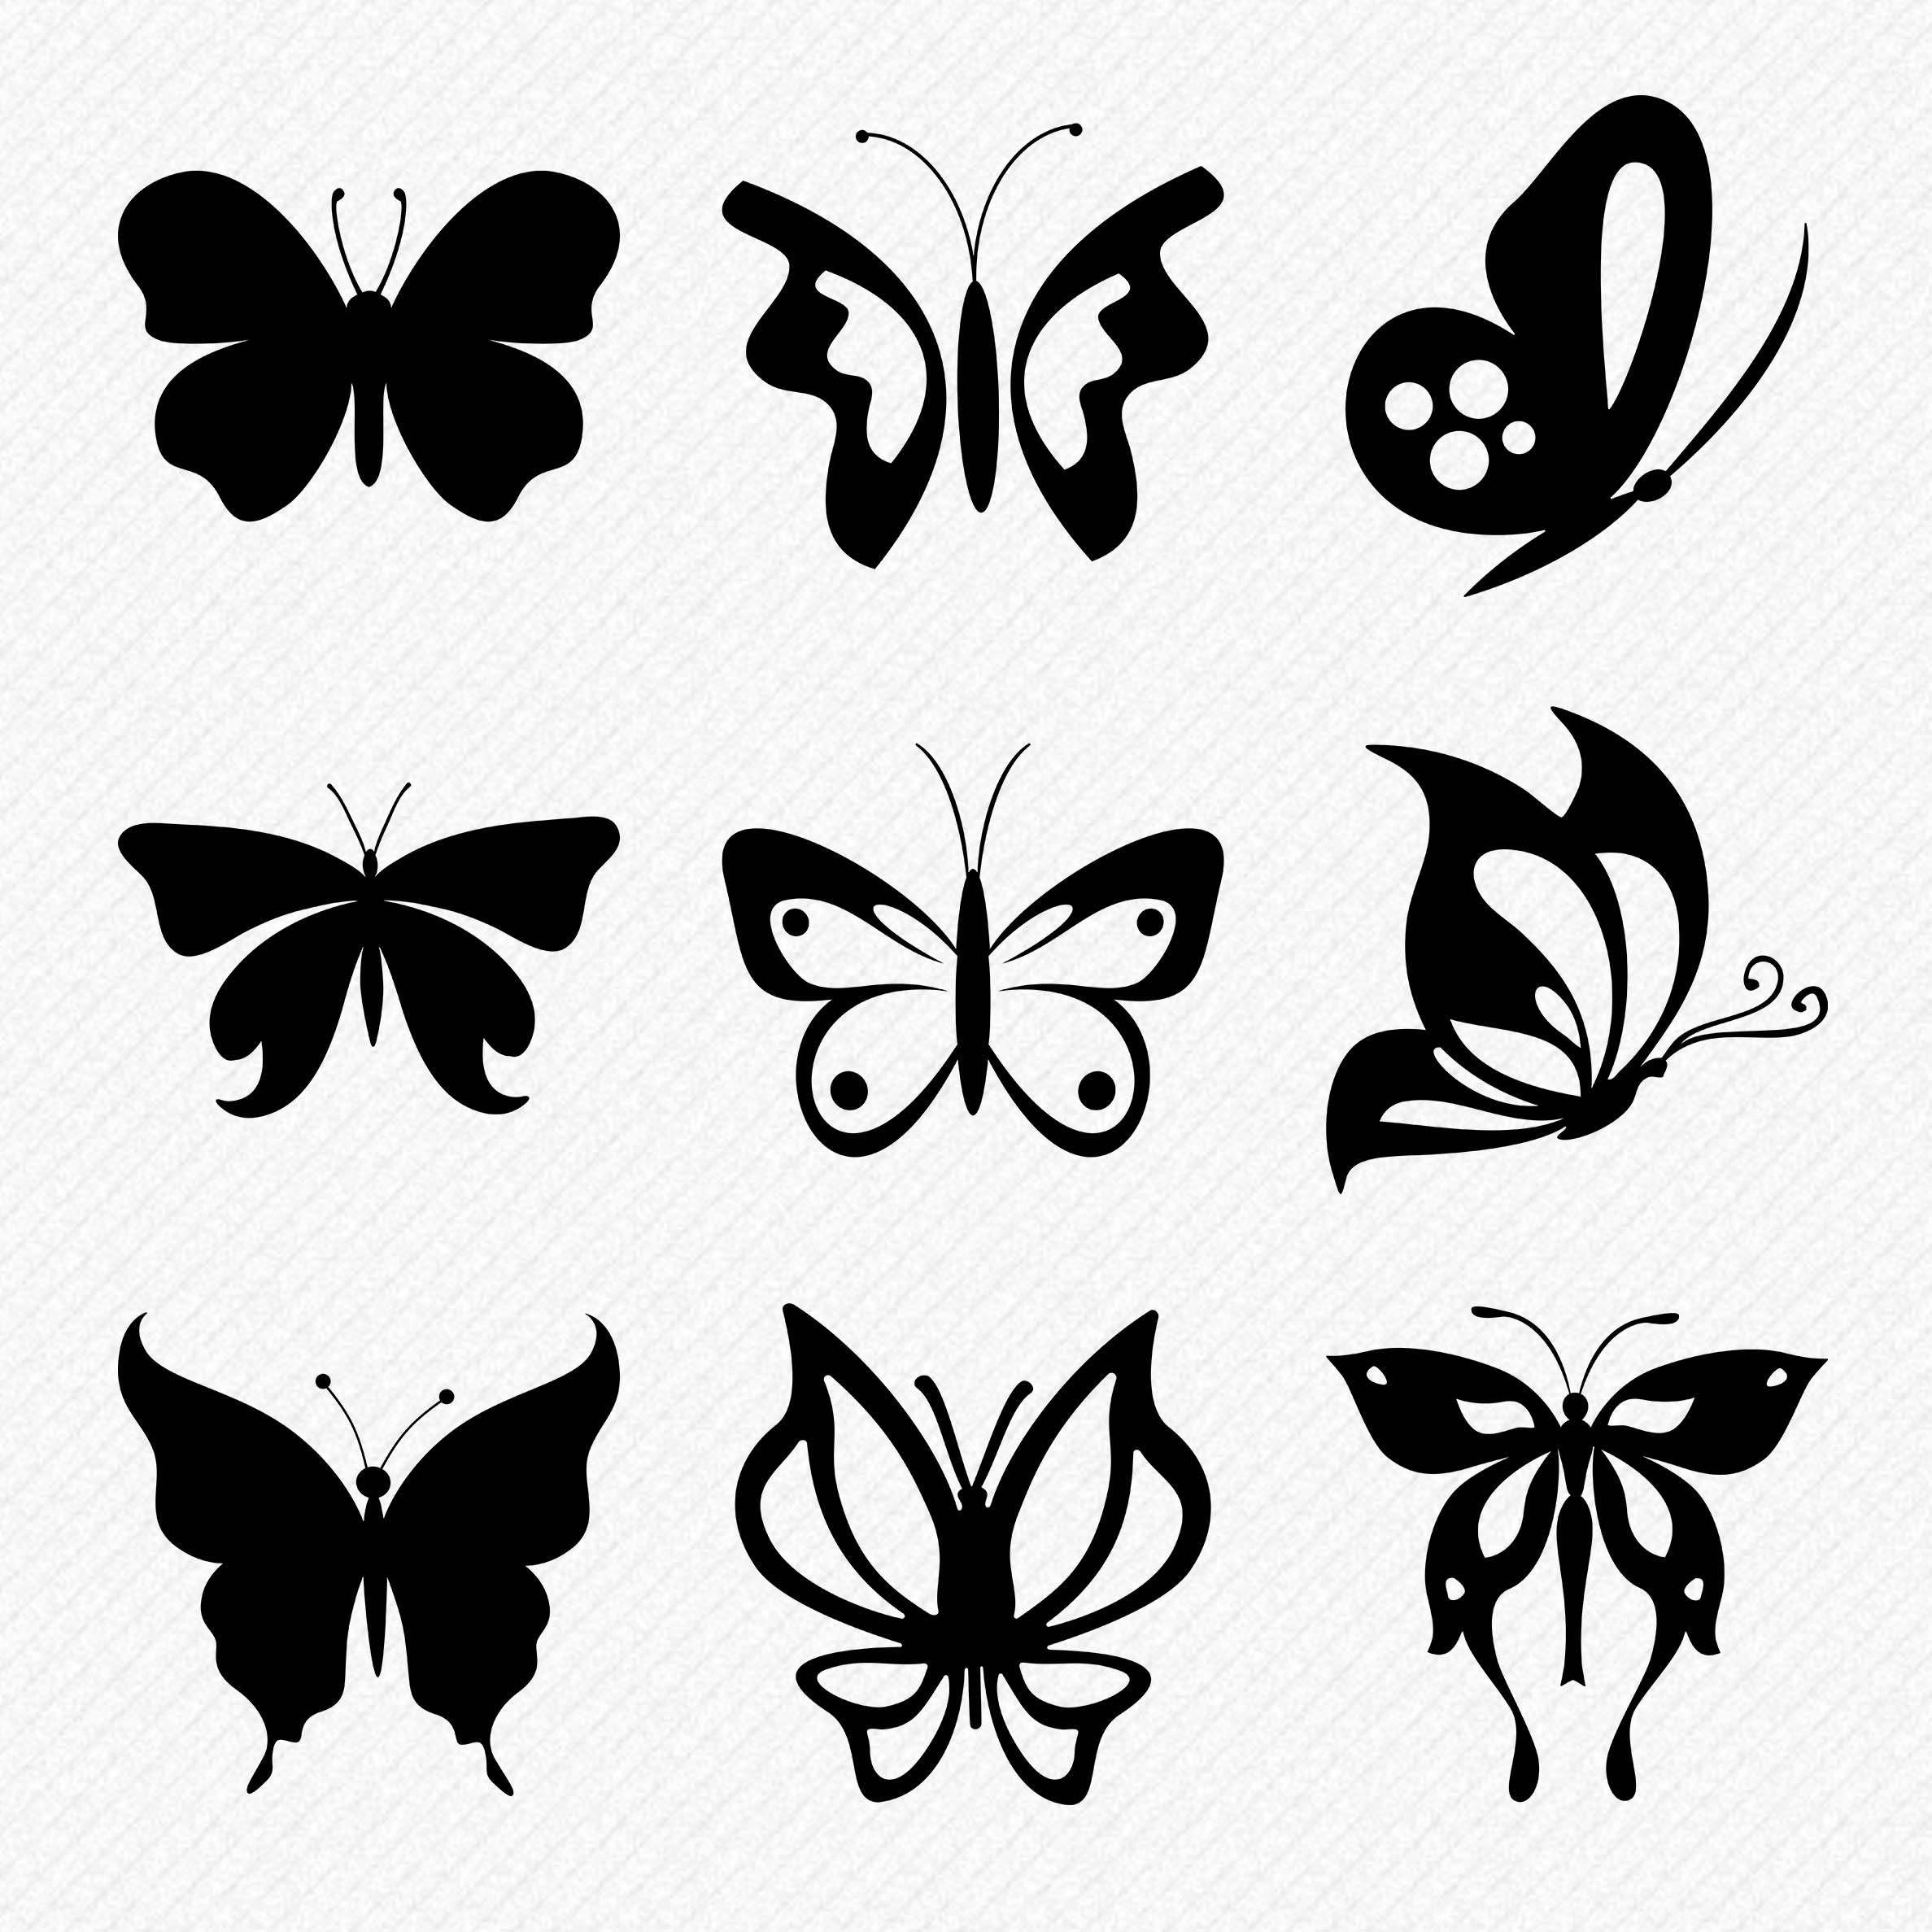 Butterfly Svg Butterflies Silhouette Butterflies Svg Etsy Butterfly Clip Art Silhouette Butterfly Butterflies Svg